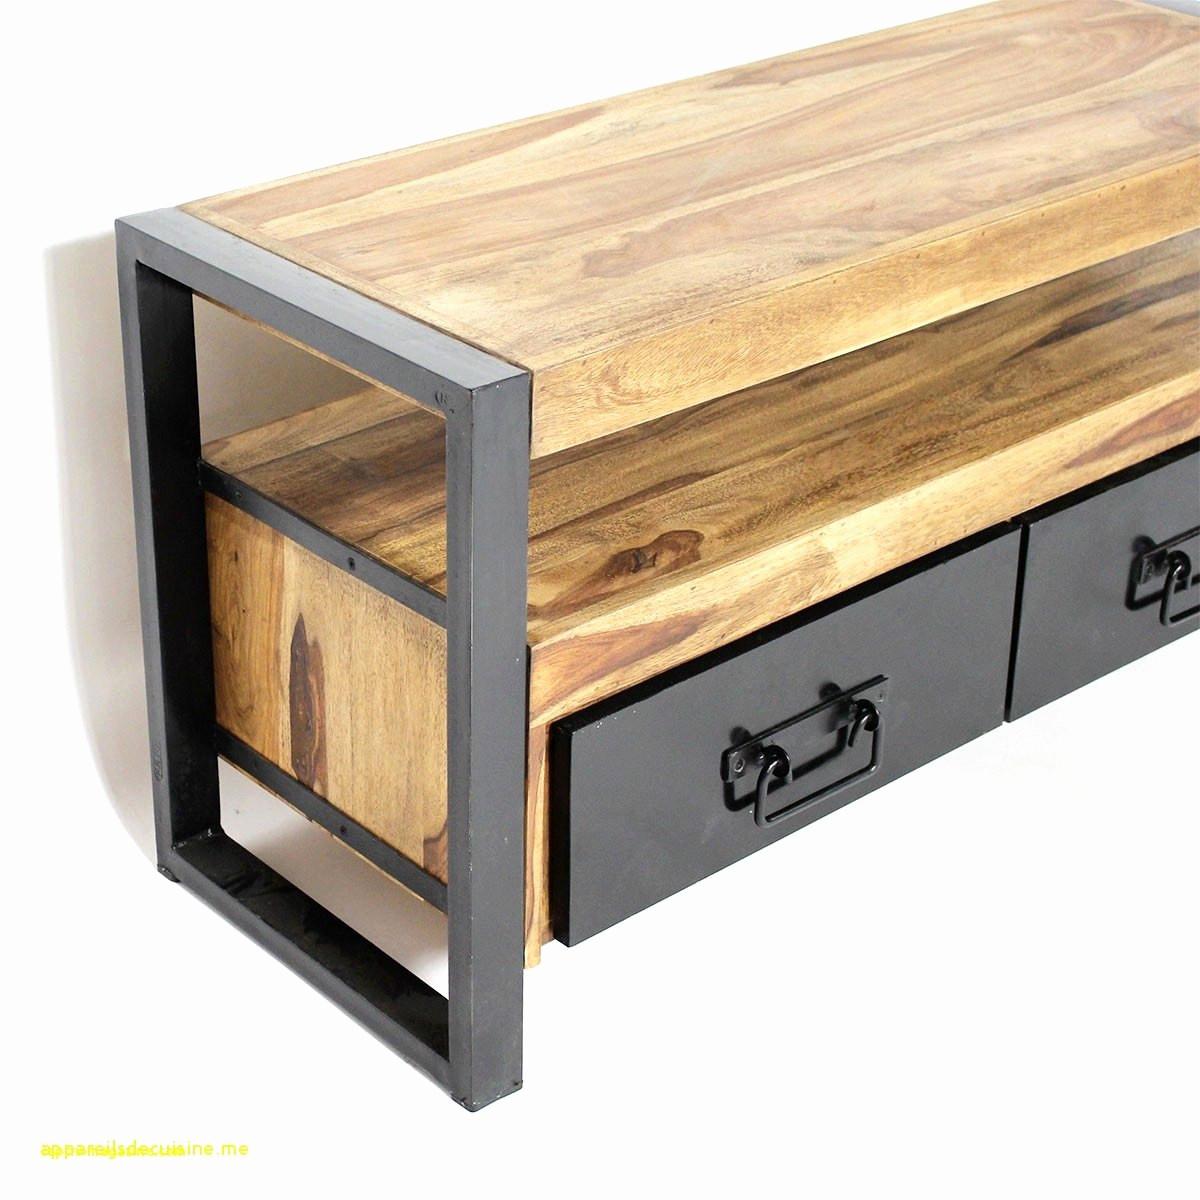 table basse teck elegant table basse en teck table basse en bois new awesome table bois 0d of table basse teck